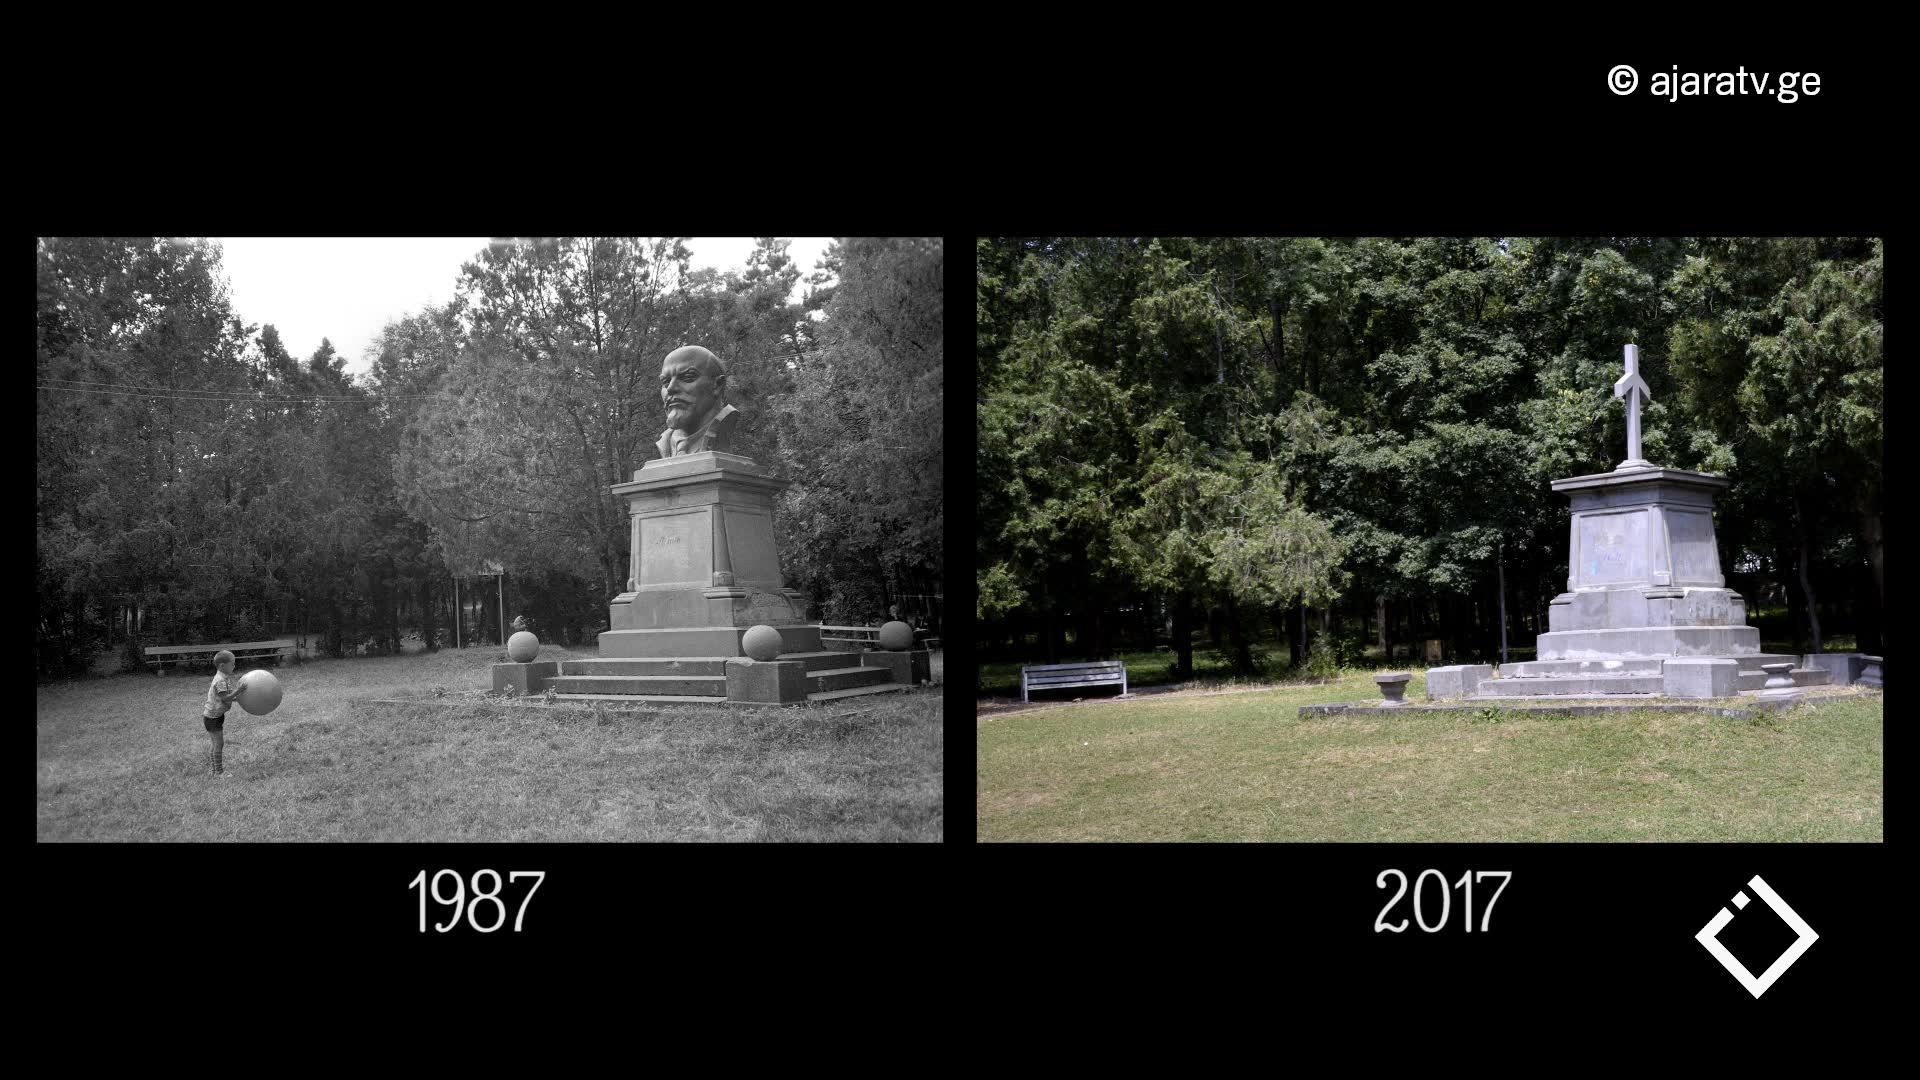 შავ-თეთრი საქართველო 7 სურათად // შოთა გუჯაბიძის საავტორო დოკუმენტური ფილმი